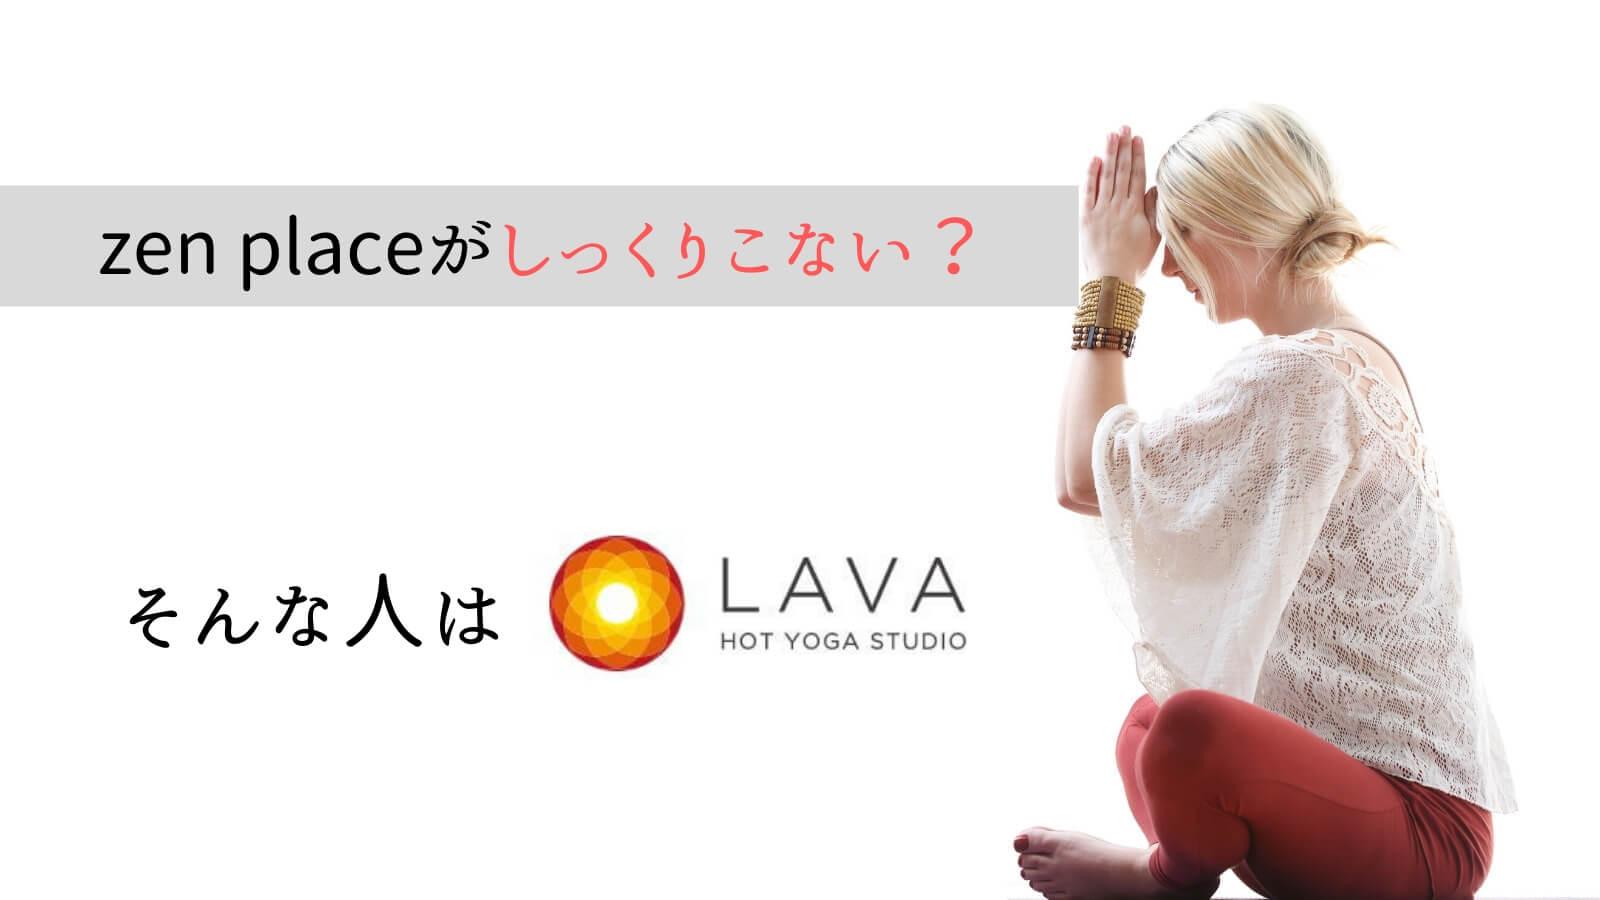 zen place(旧ヨガプラス)がおすすめなではない人はLAVAがあっている!